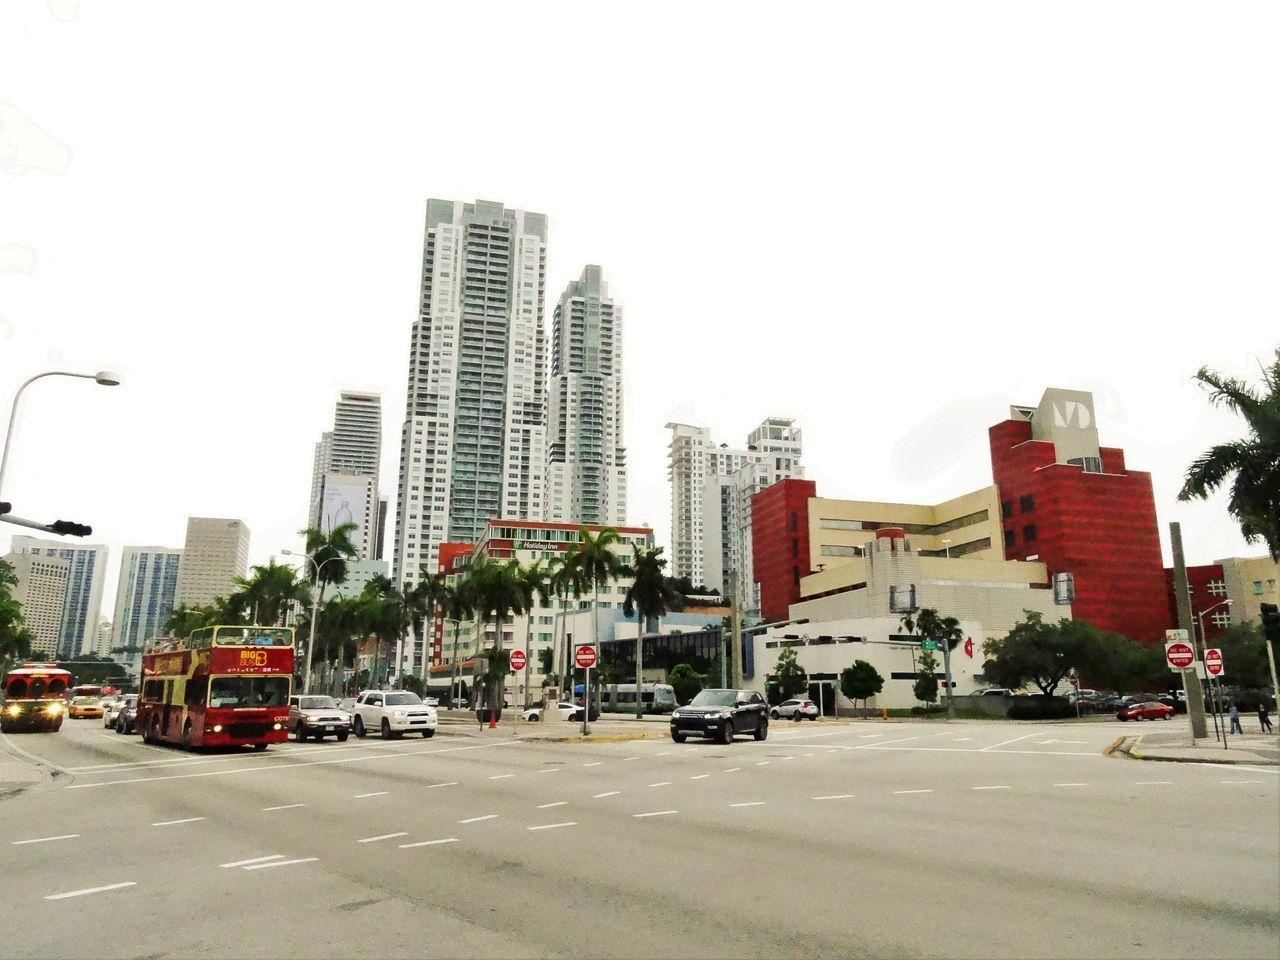 Beautiful stock photos of miami,  Building Exterior,  Car,  City,  City Life